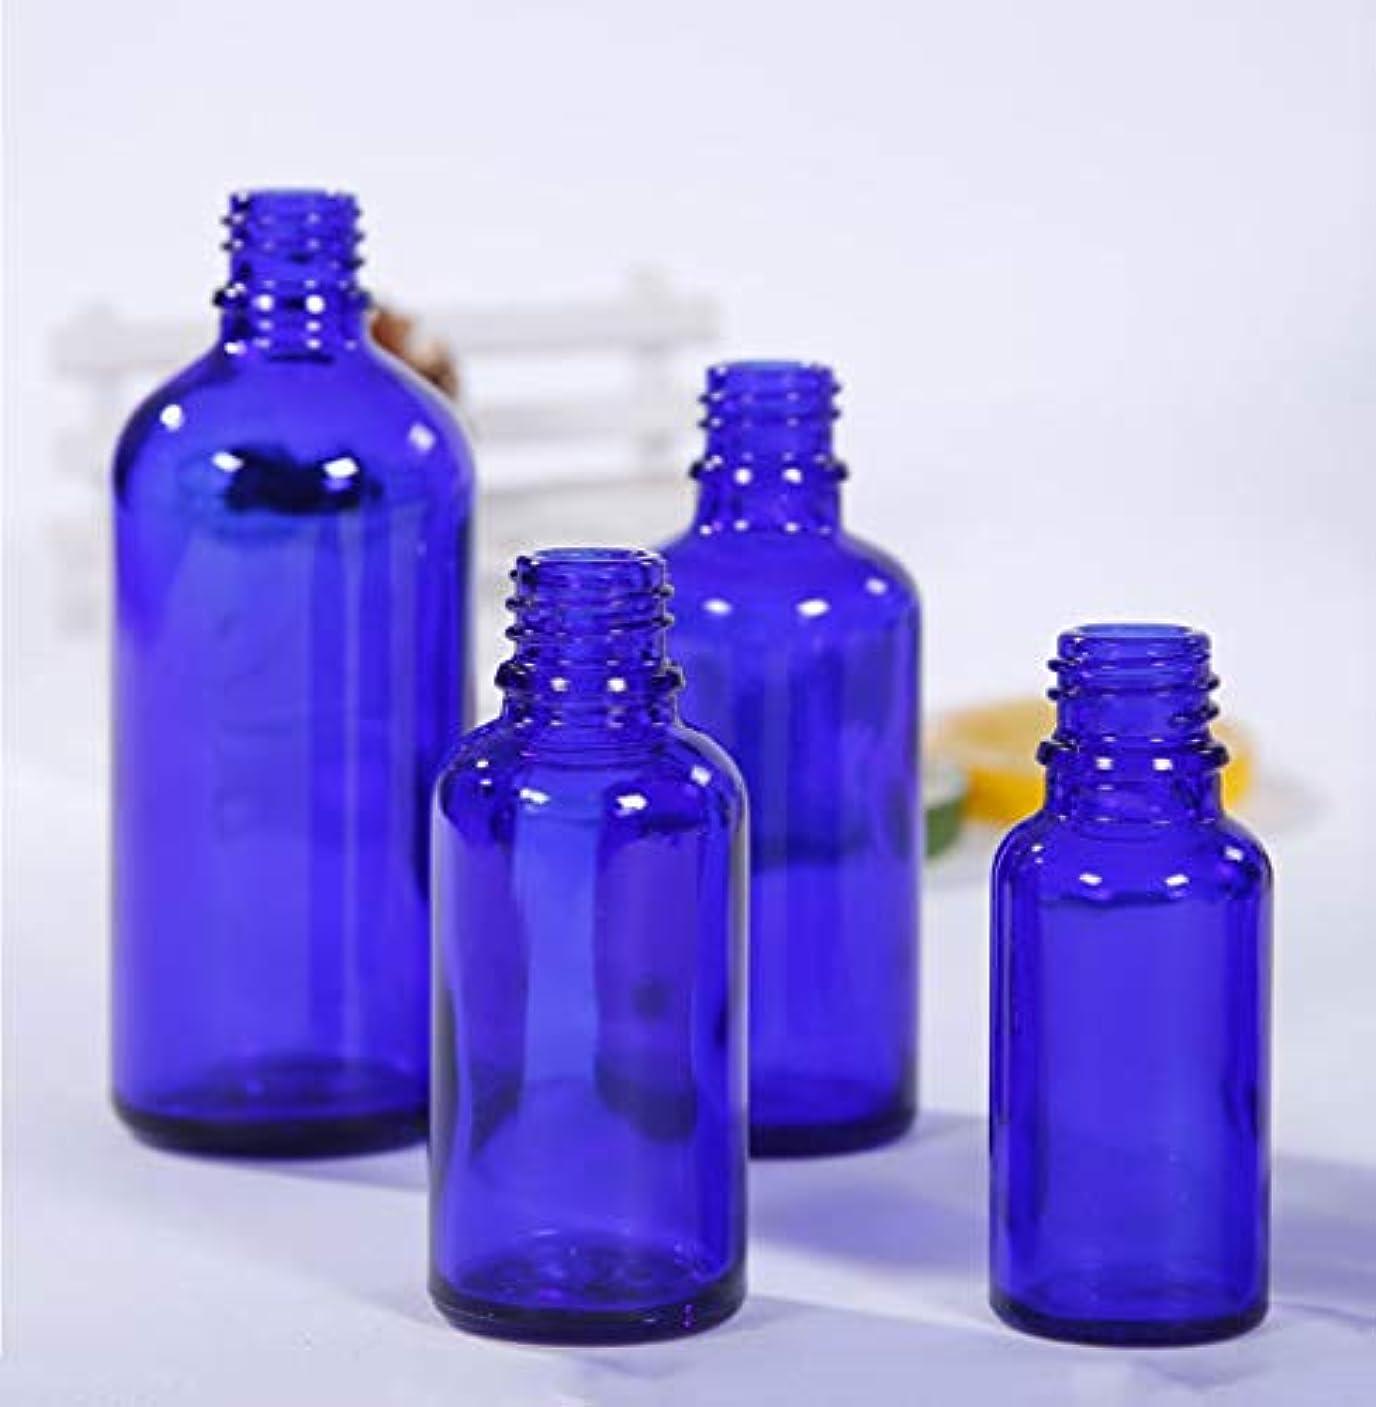 円形カフェ長椅子Morino ガラスボトル スポイト 詰め替え容器 化粧品 遮光 アロマオイル 精油 小分け 7サイズセット (青色)